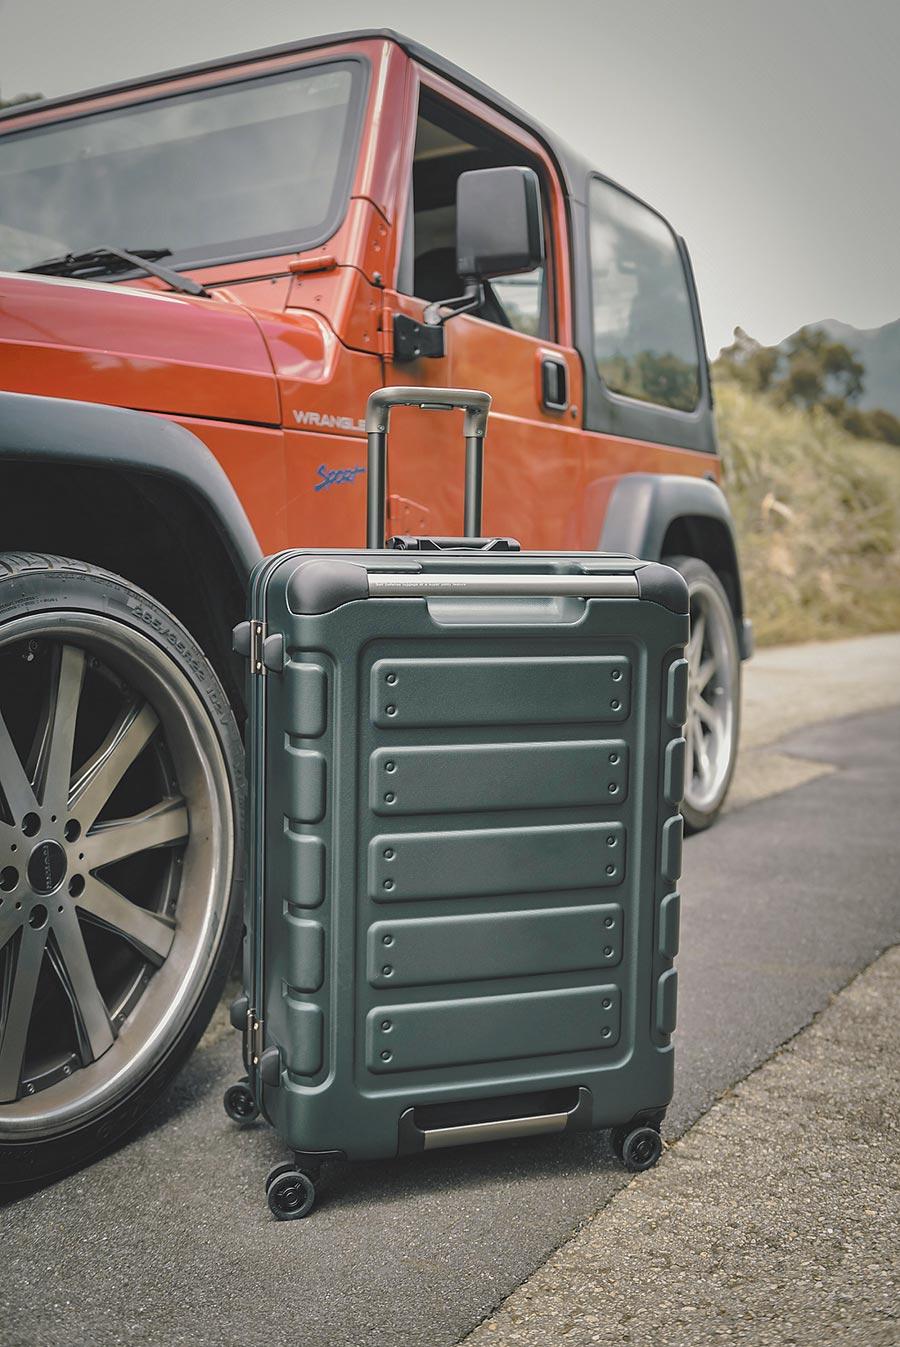 台灣行李箱品牌皇冠CROWN主打經典悍馬箱,設計靈感源自軍用吉普車。(CROWN提供)